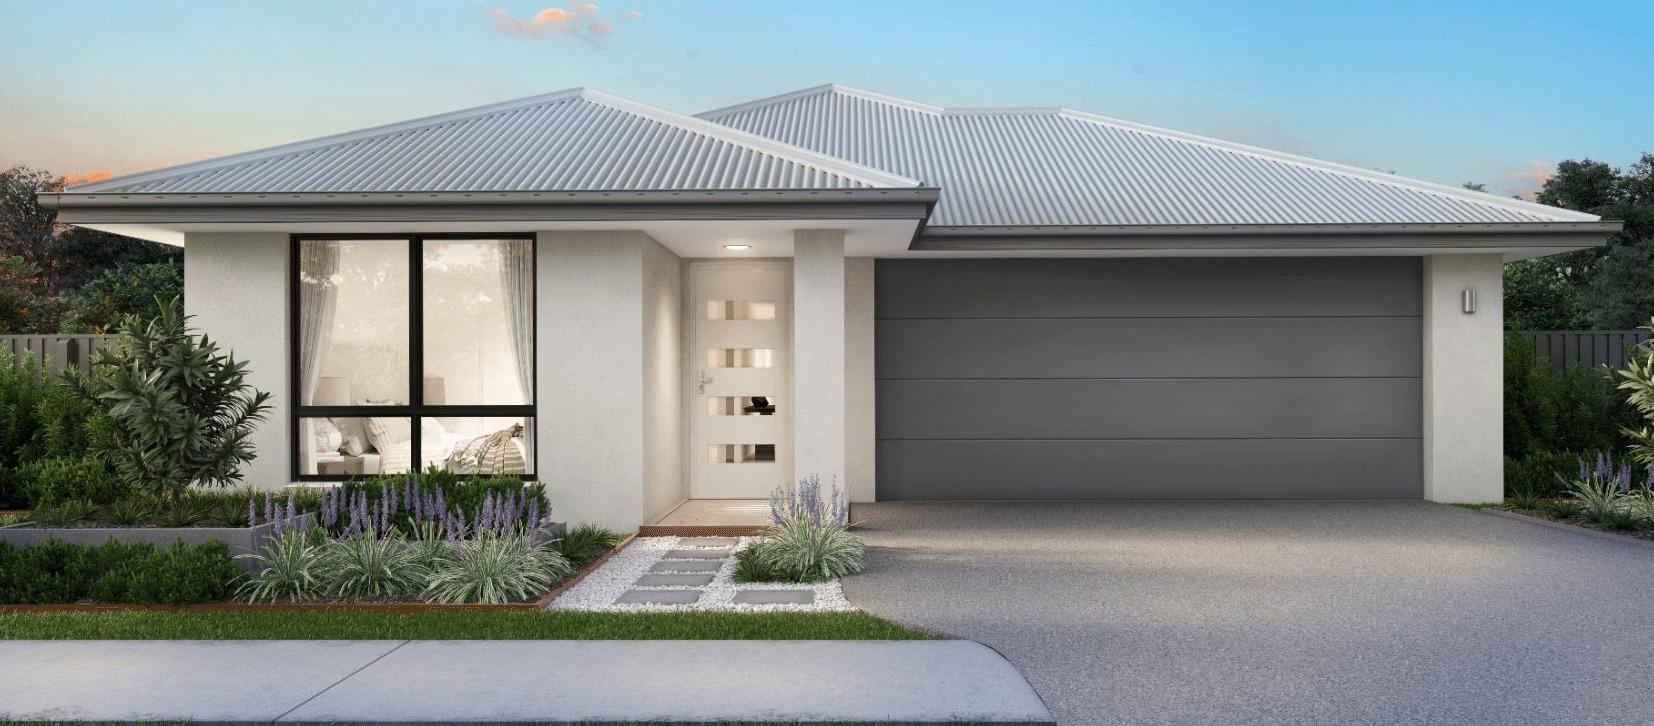 Lot 143 Barnyard Drive, Park Ridge, QLD 4125